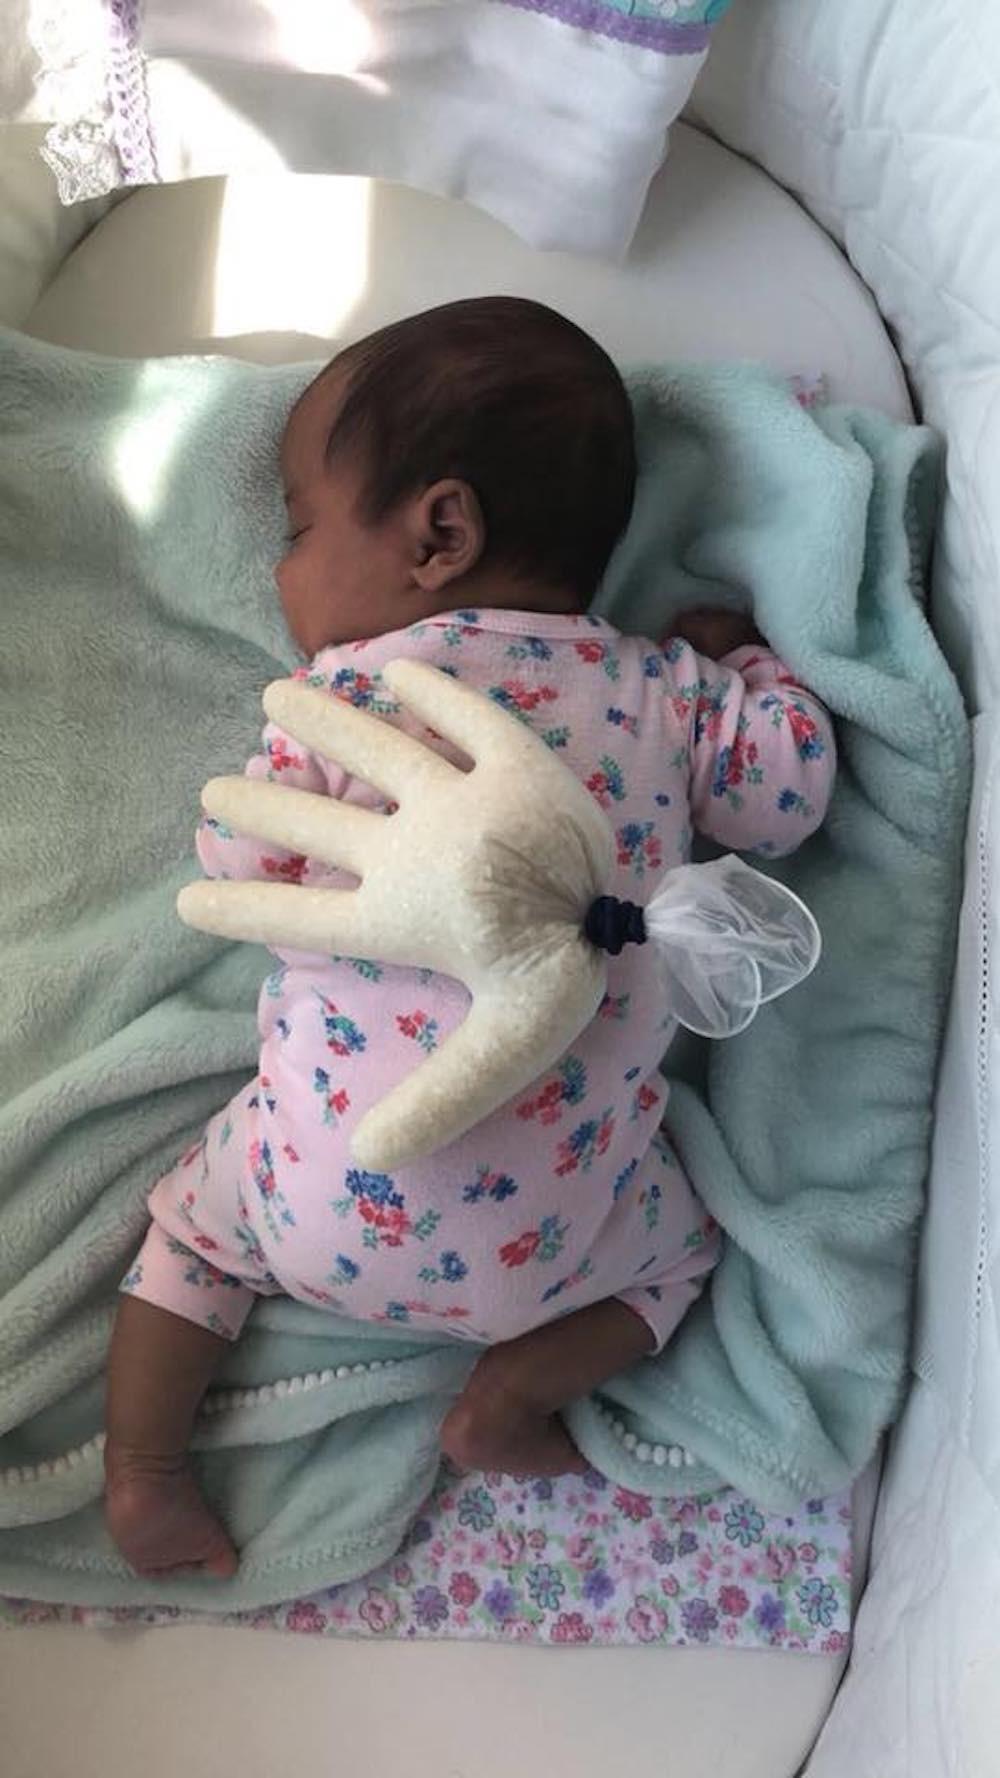 Anayah no berço (Foto: Reprodução Facebook)